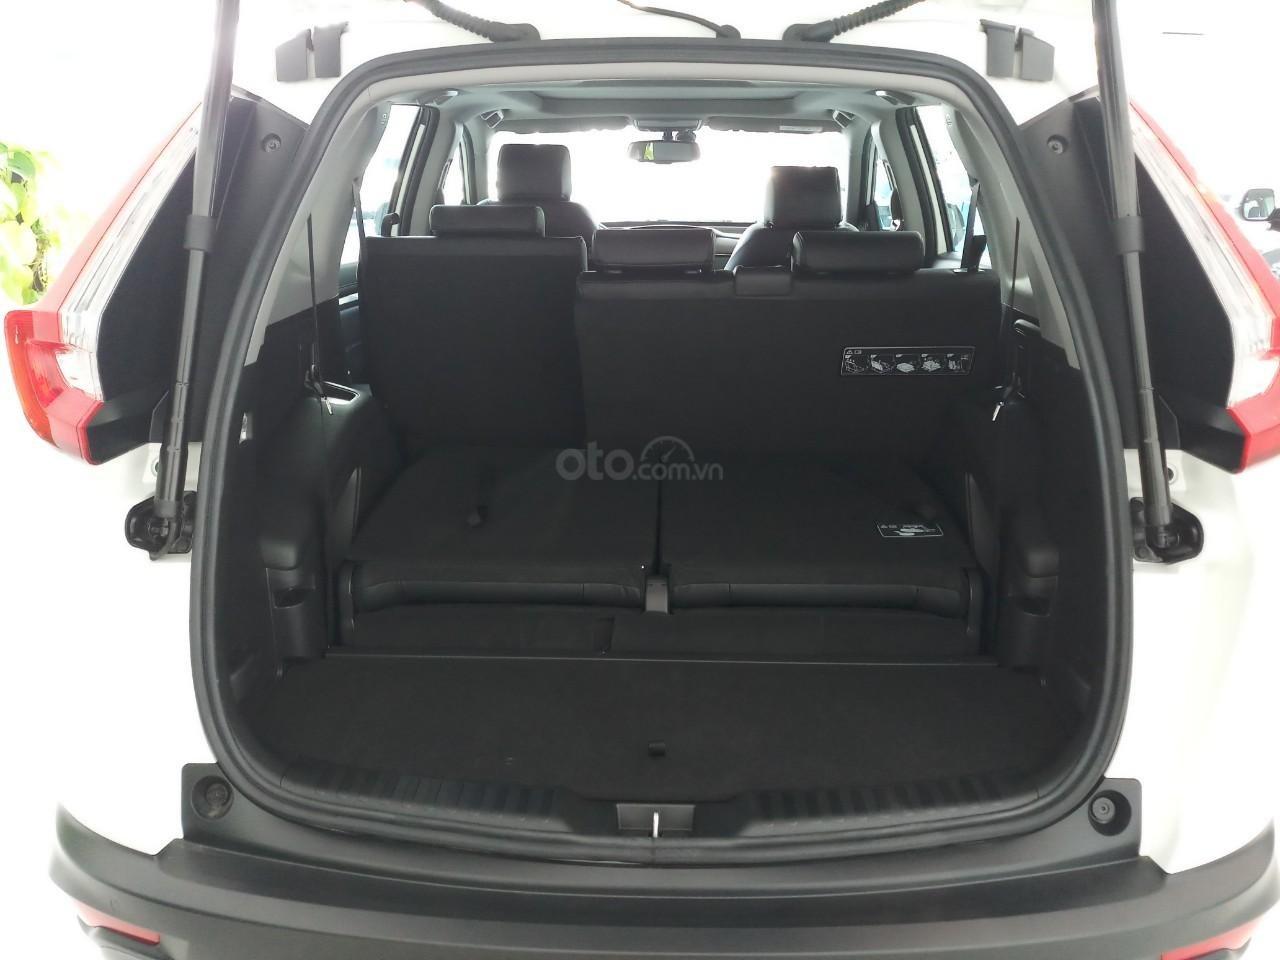 Giao ngay khuyến mại khủng Honda CRV L 2019, màu trắng: Giảm tiền mặt, tặng bảo hiểm và phụ kiện. Lh: 0964099926 (5)